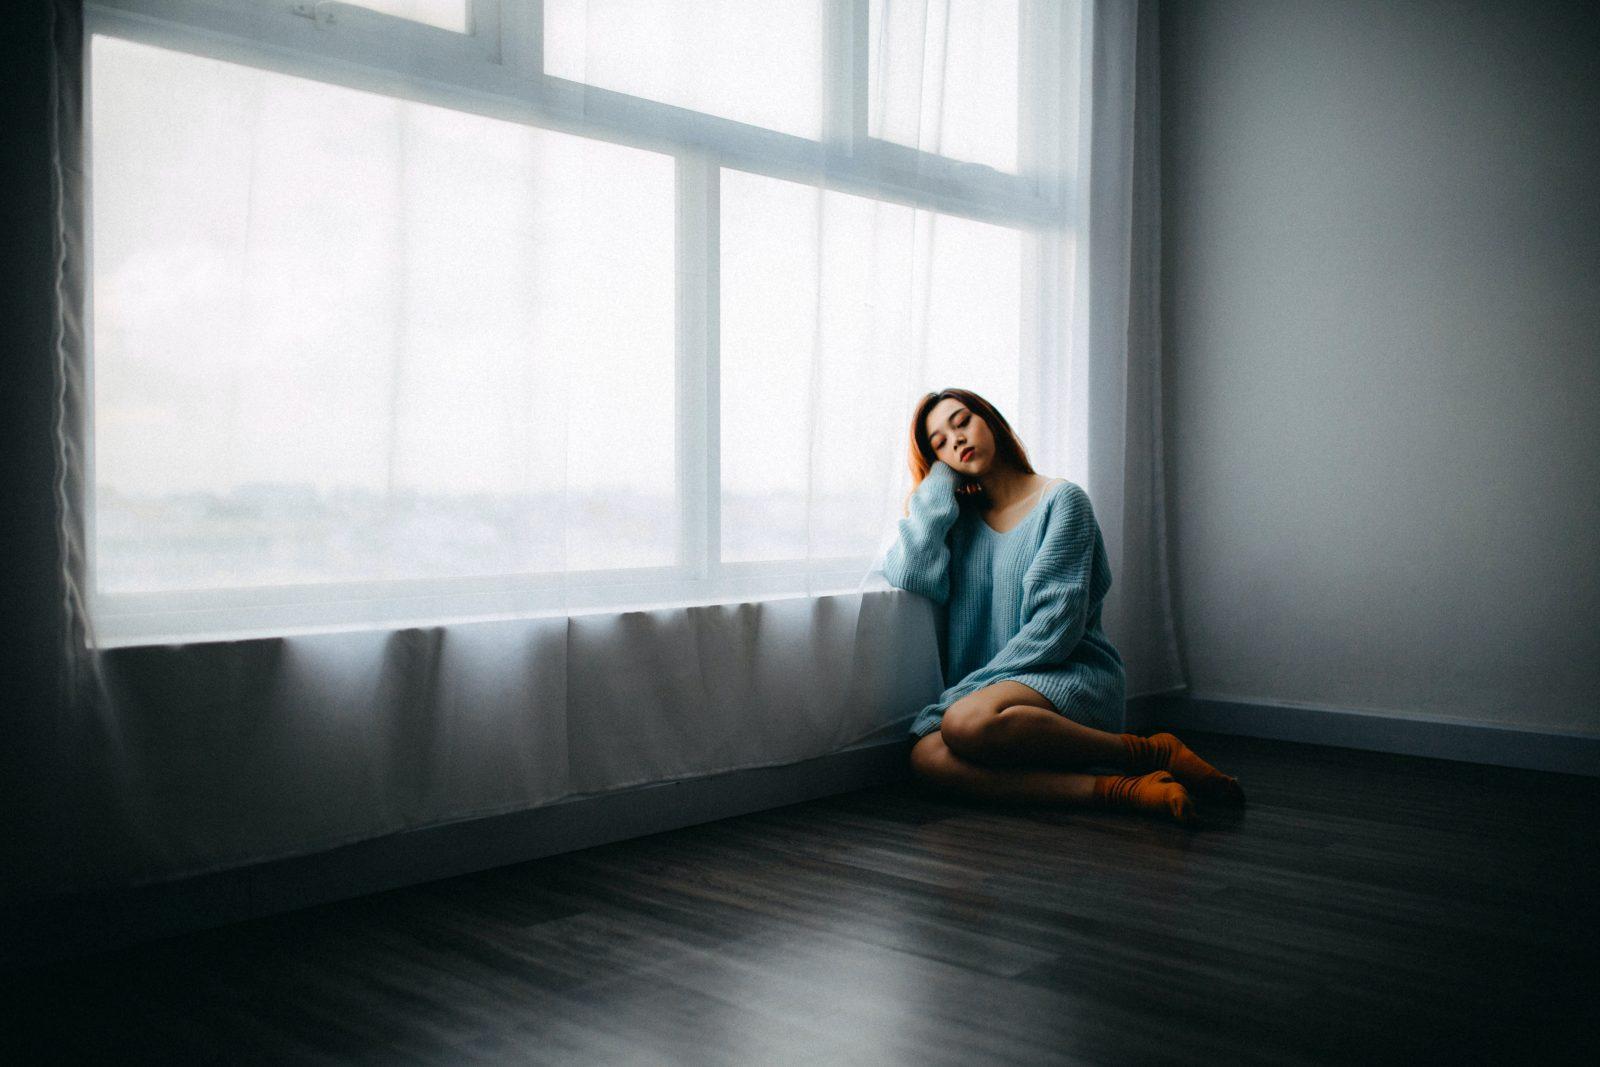 épuisement choix de vie anxiété